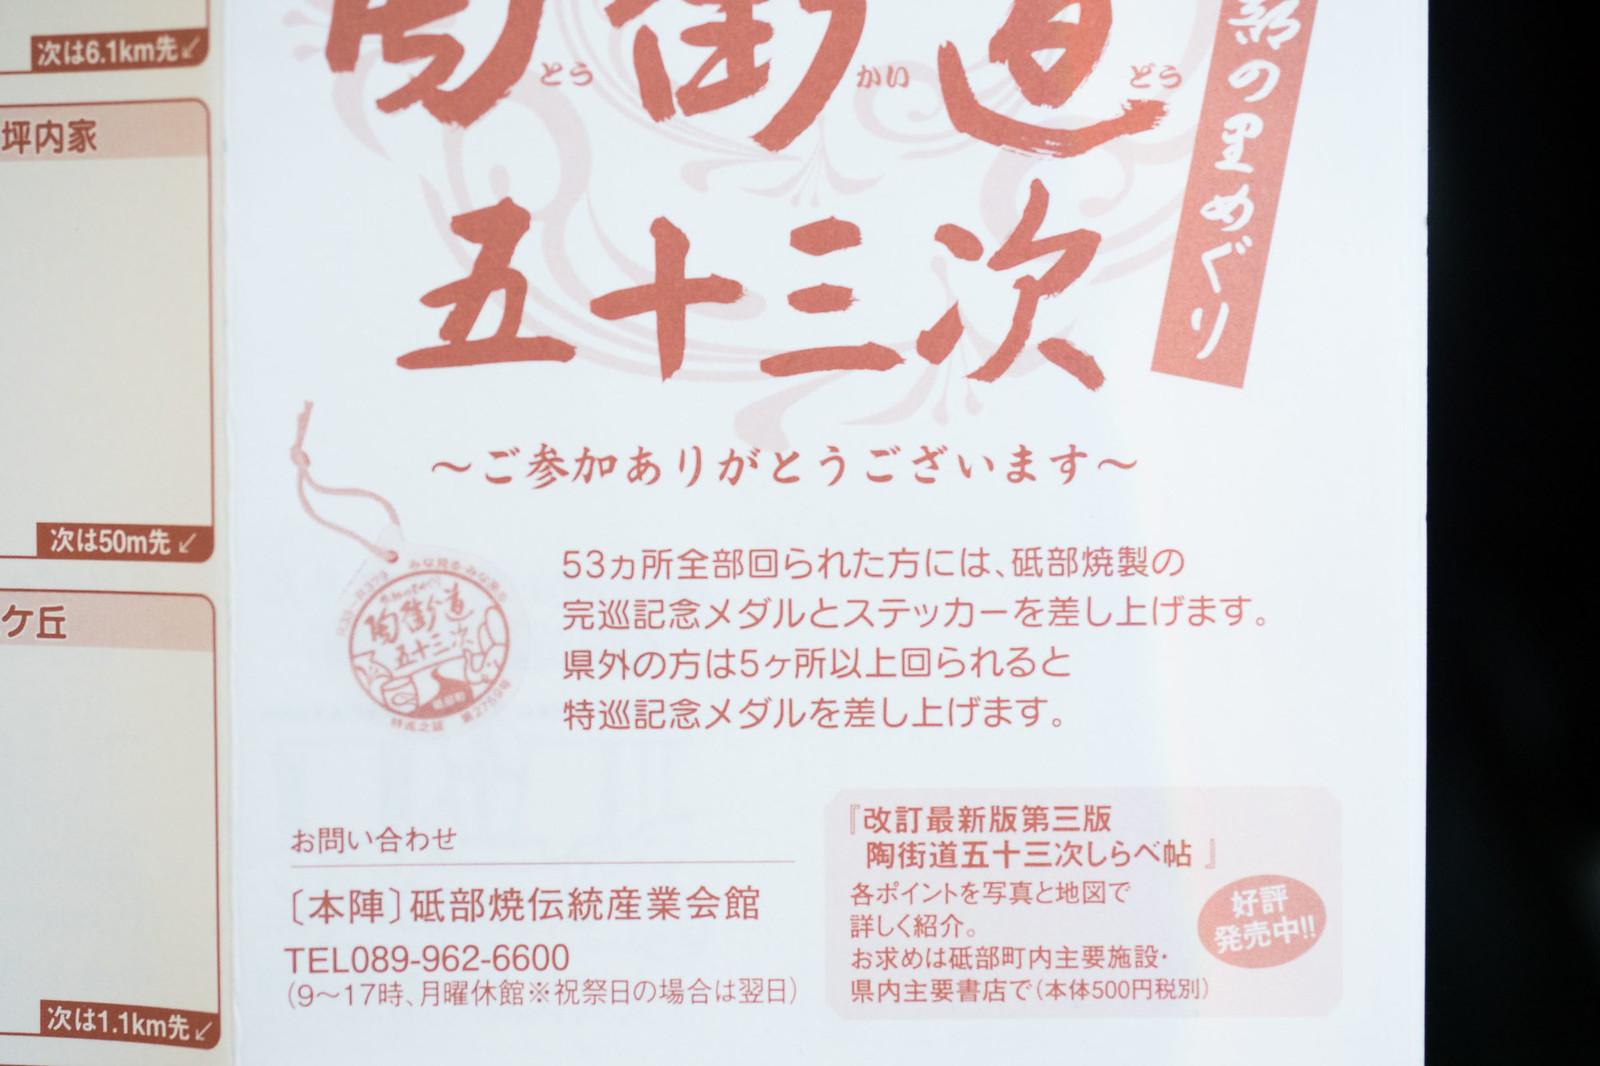 toukaido_53_tobe-9